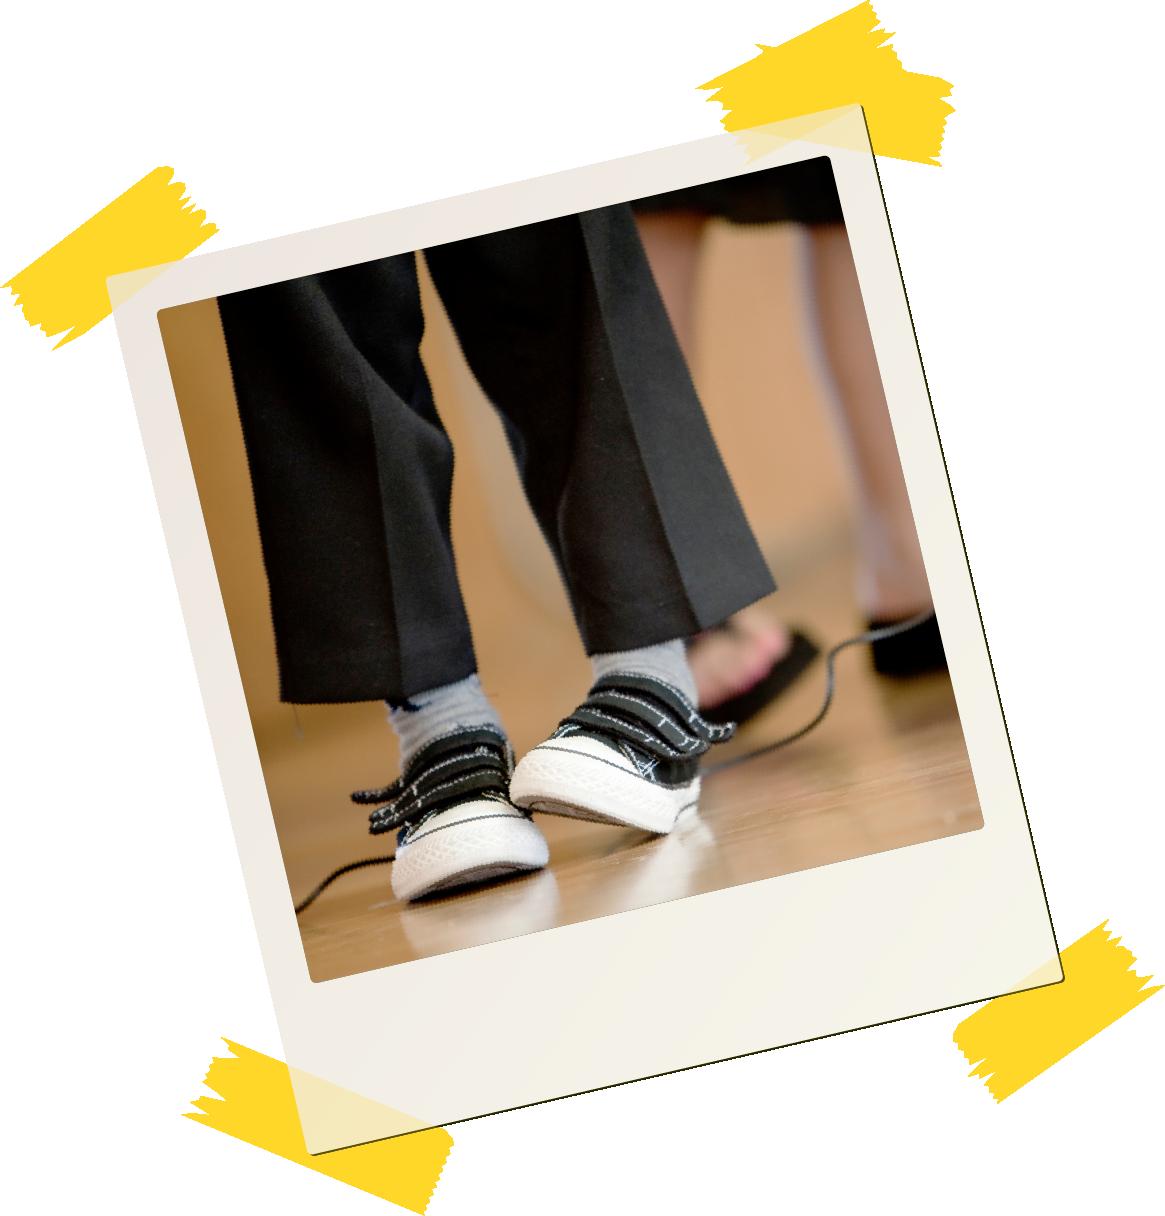 Polaroidbilde av fot som tråkker på den andre foten.